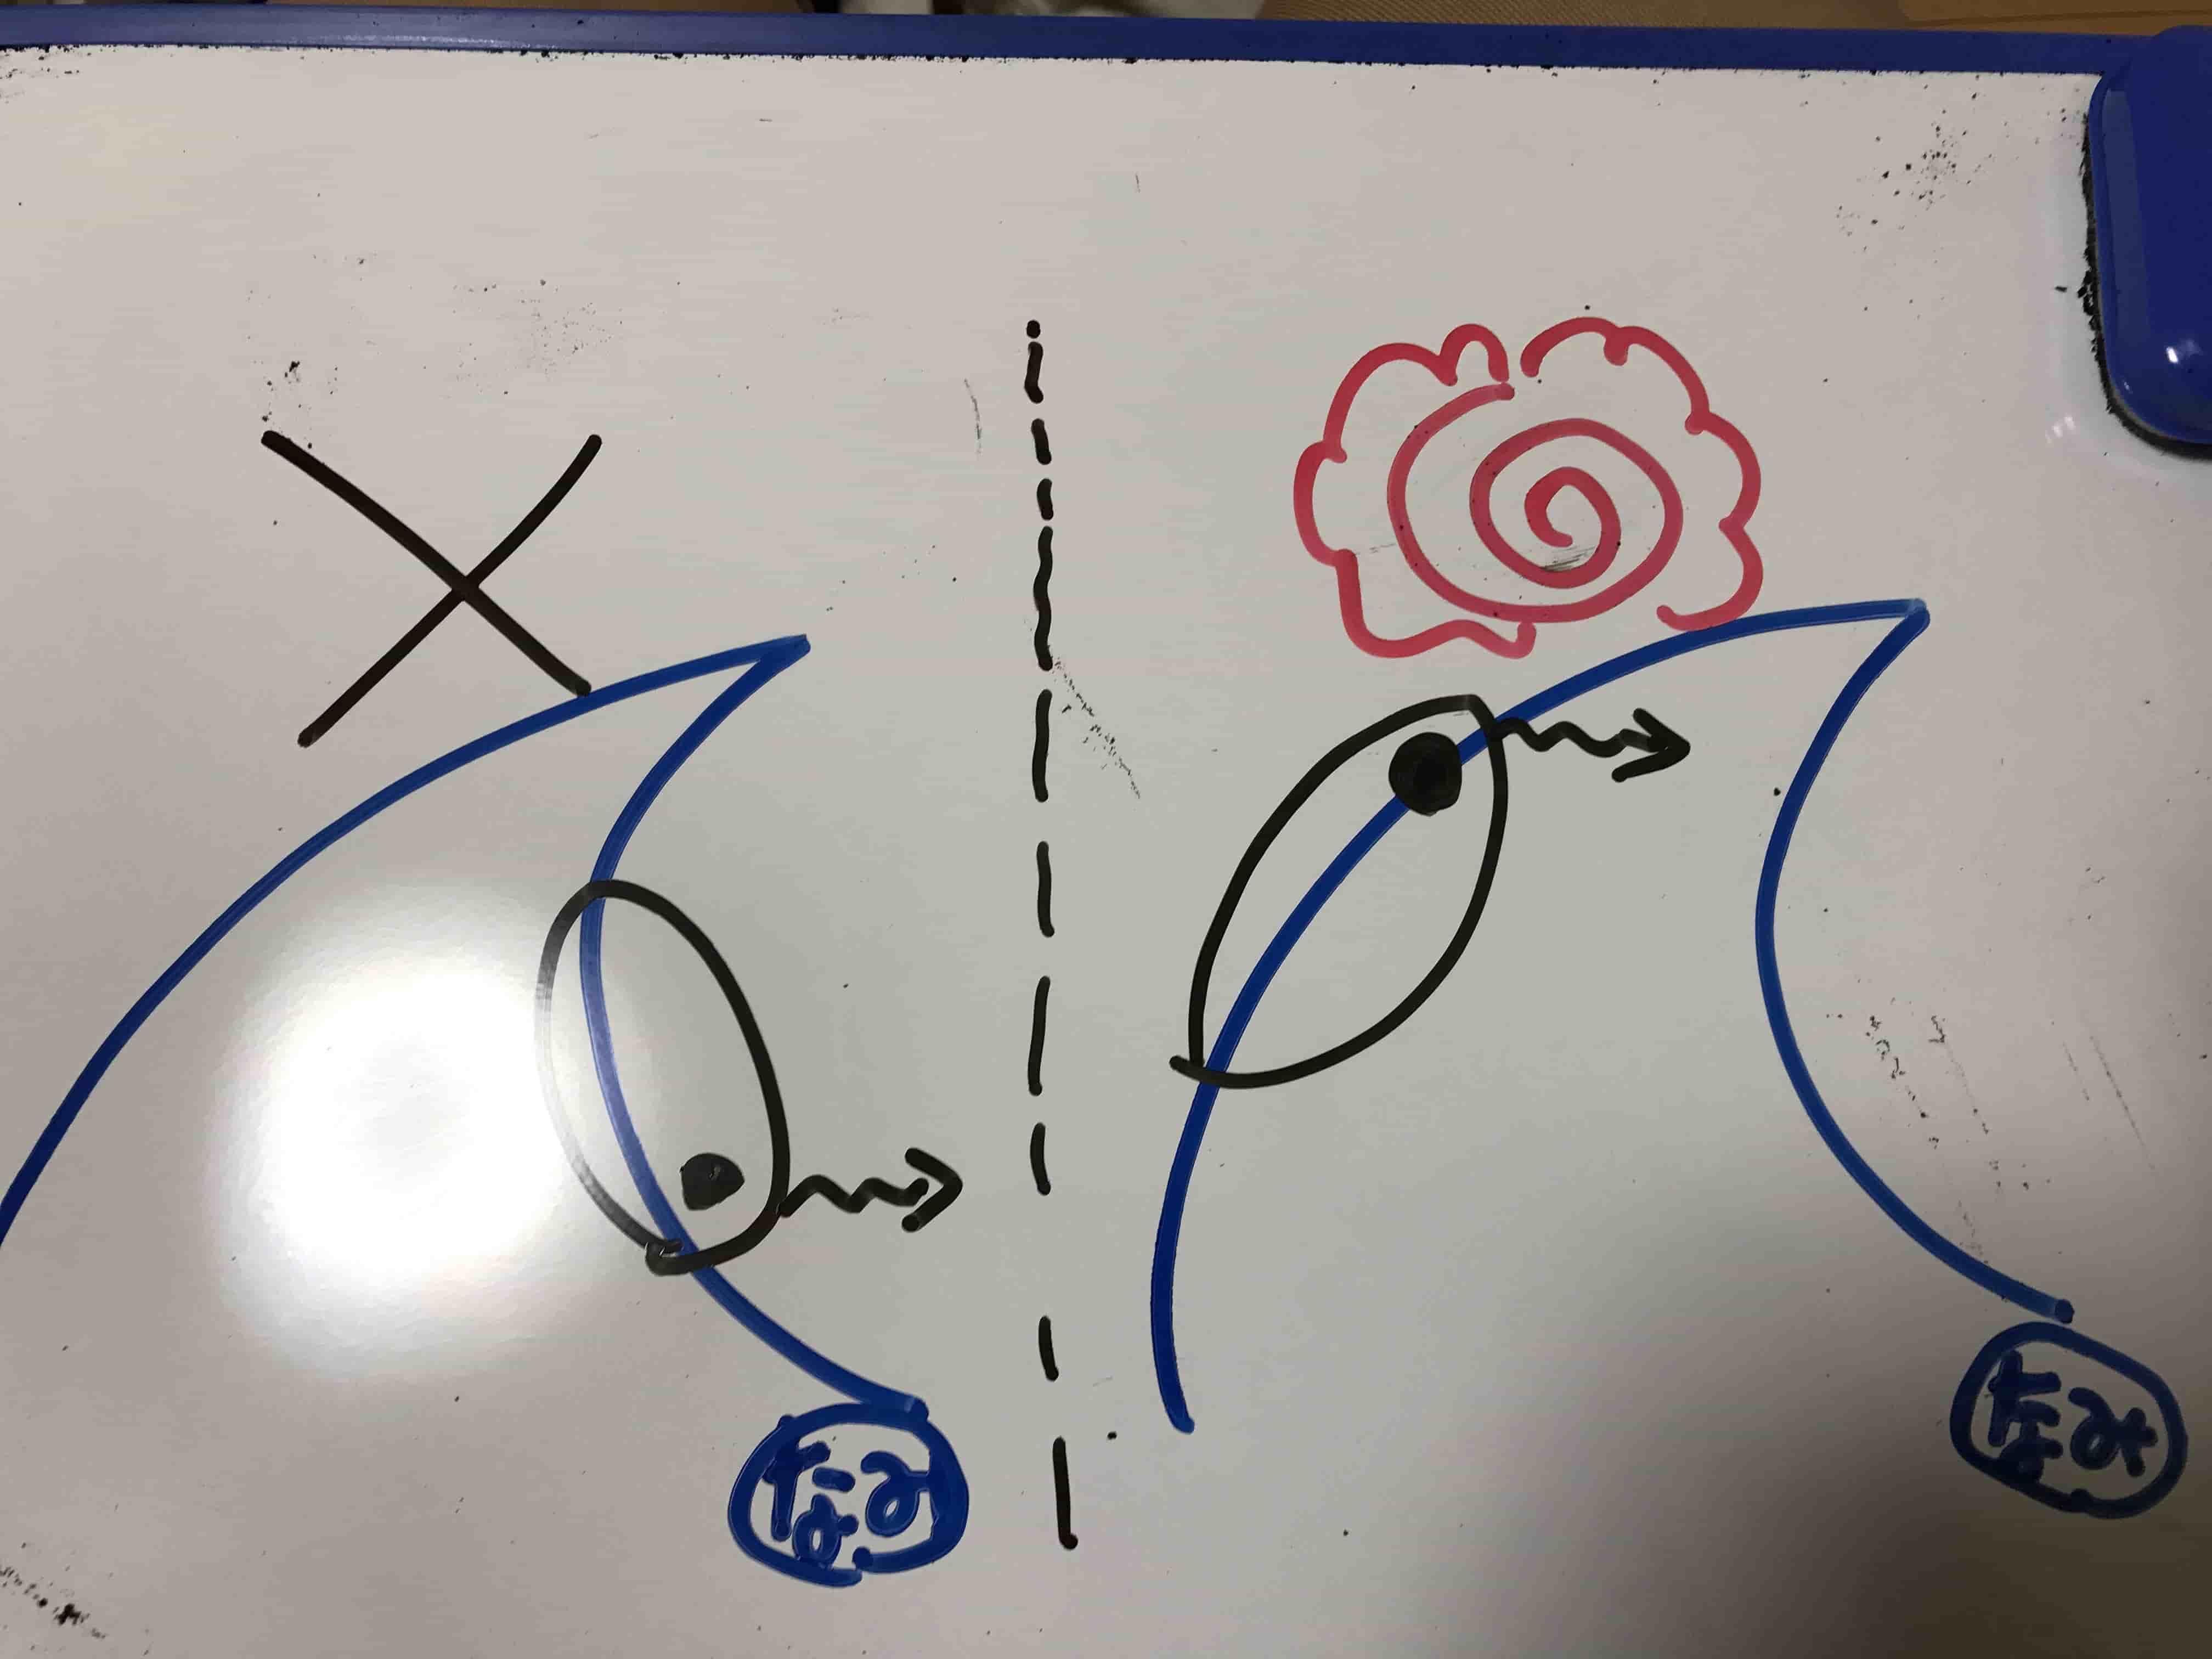 ダイビングペンシルのアクションと波のタイミングの合わせ方